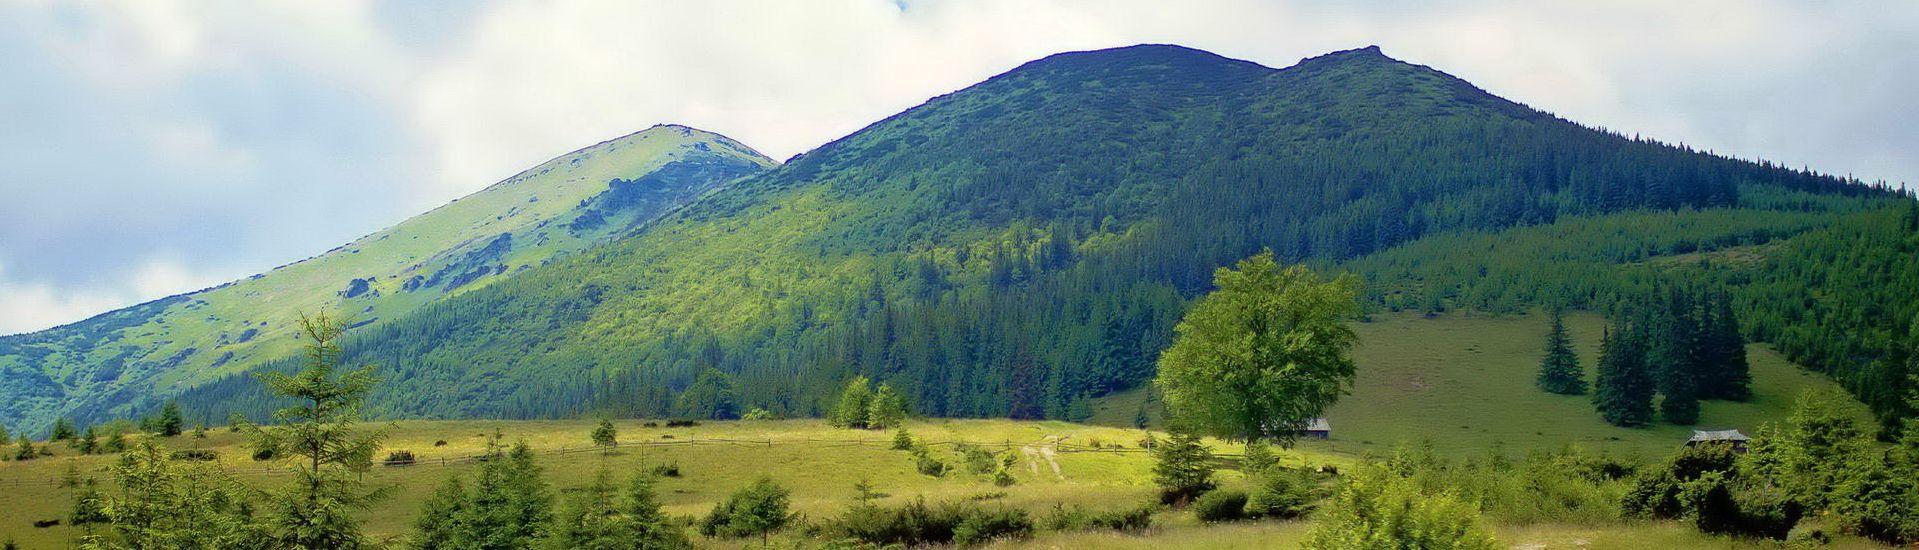 Вид на гору Смотрич, с. Дземброня